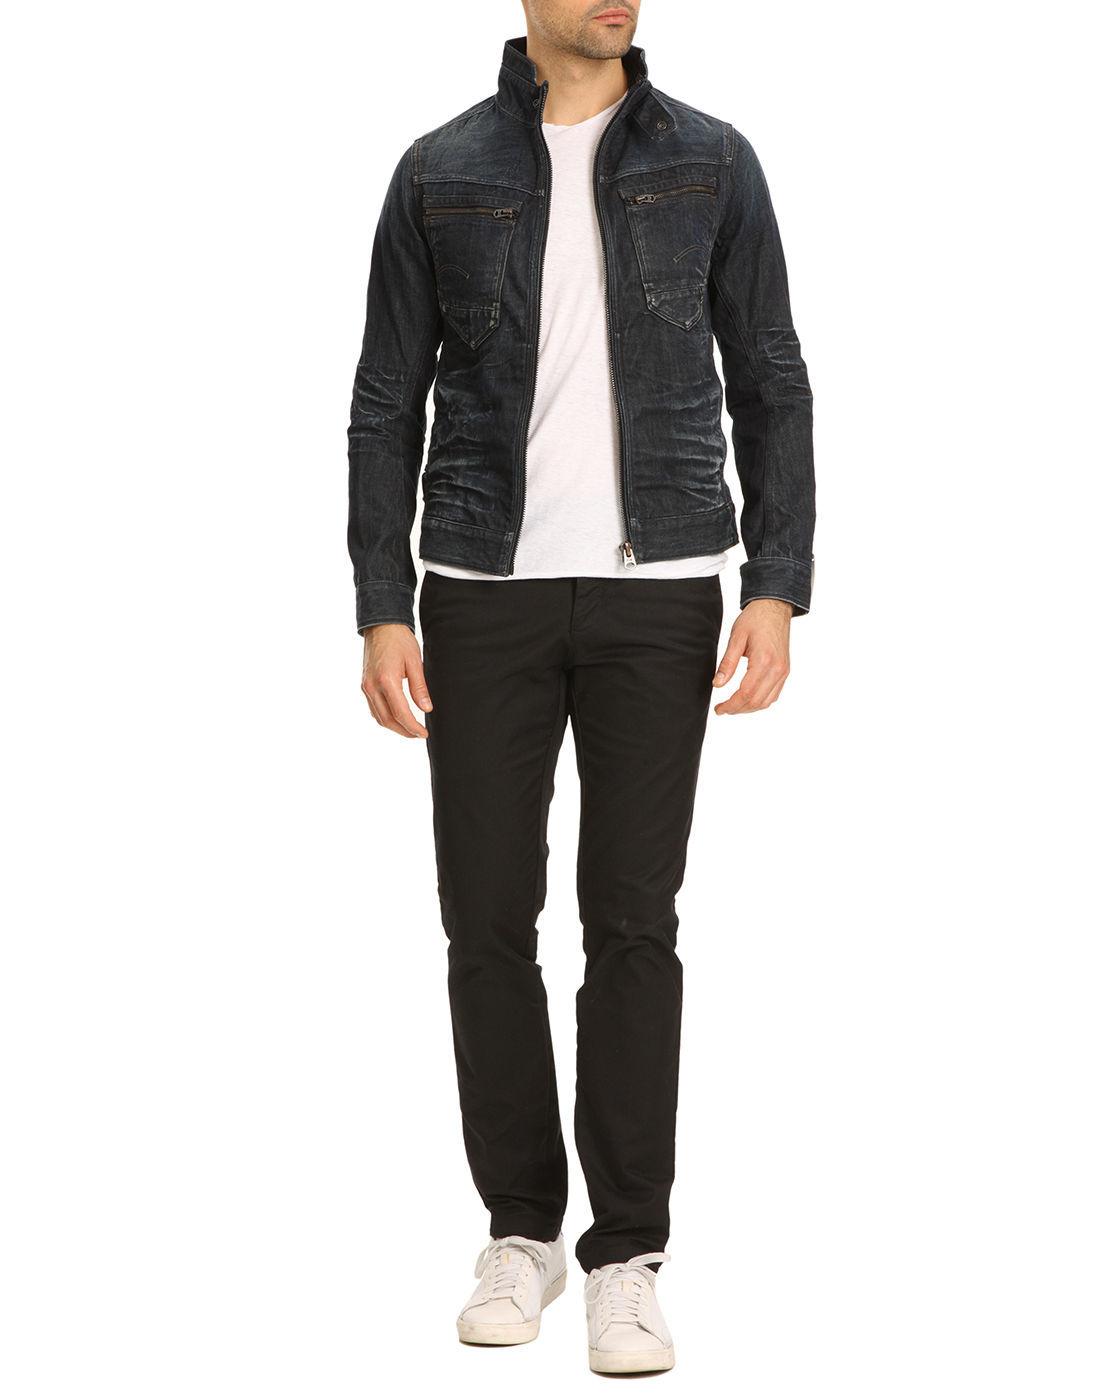 g star raw arc zip 3d slim denim jacket in blue for men. Black Bedroom Furniture Sets. Home Design Ideas